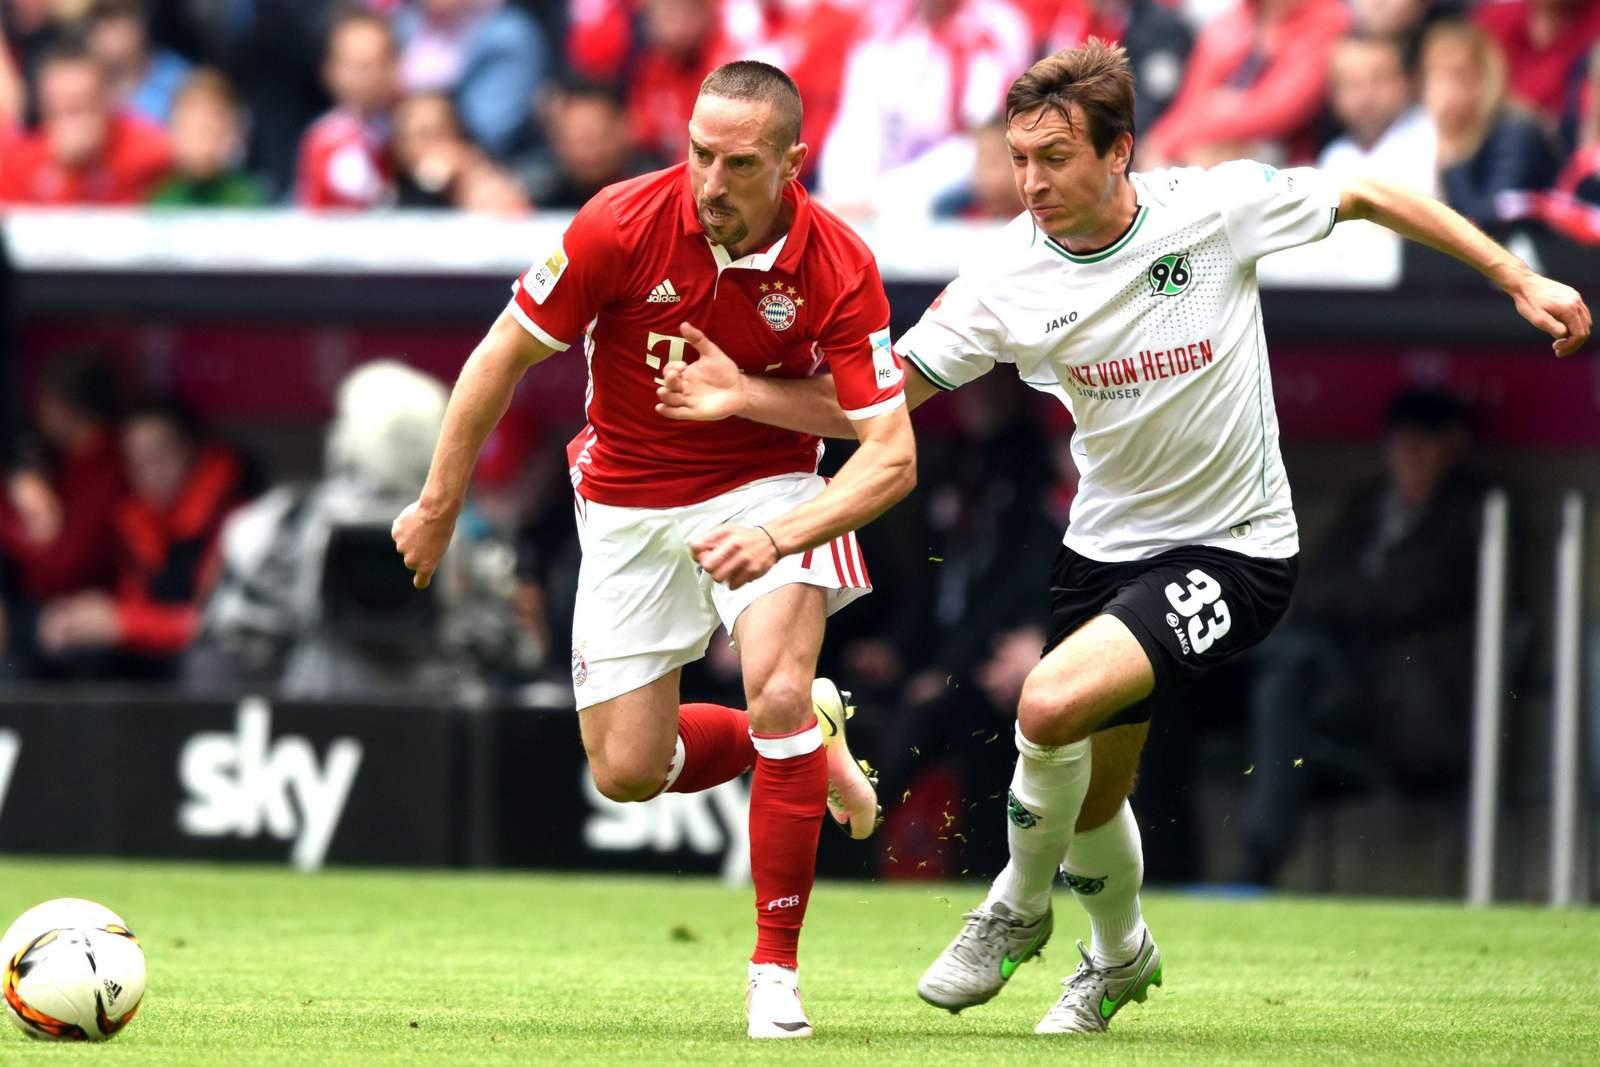 Zweikampf zwischen Ribery und Arkenberg